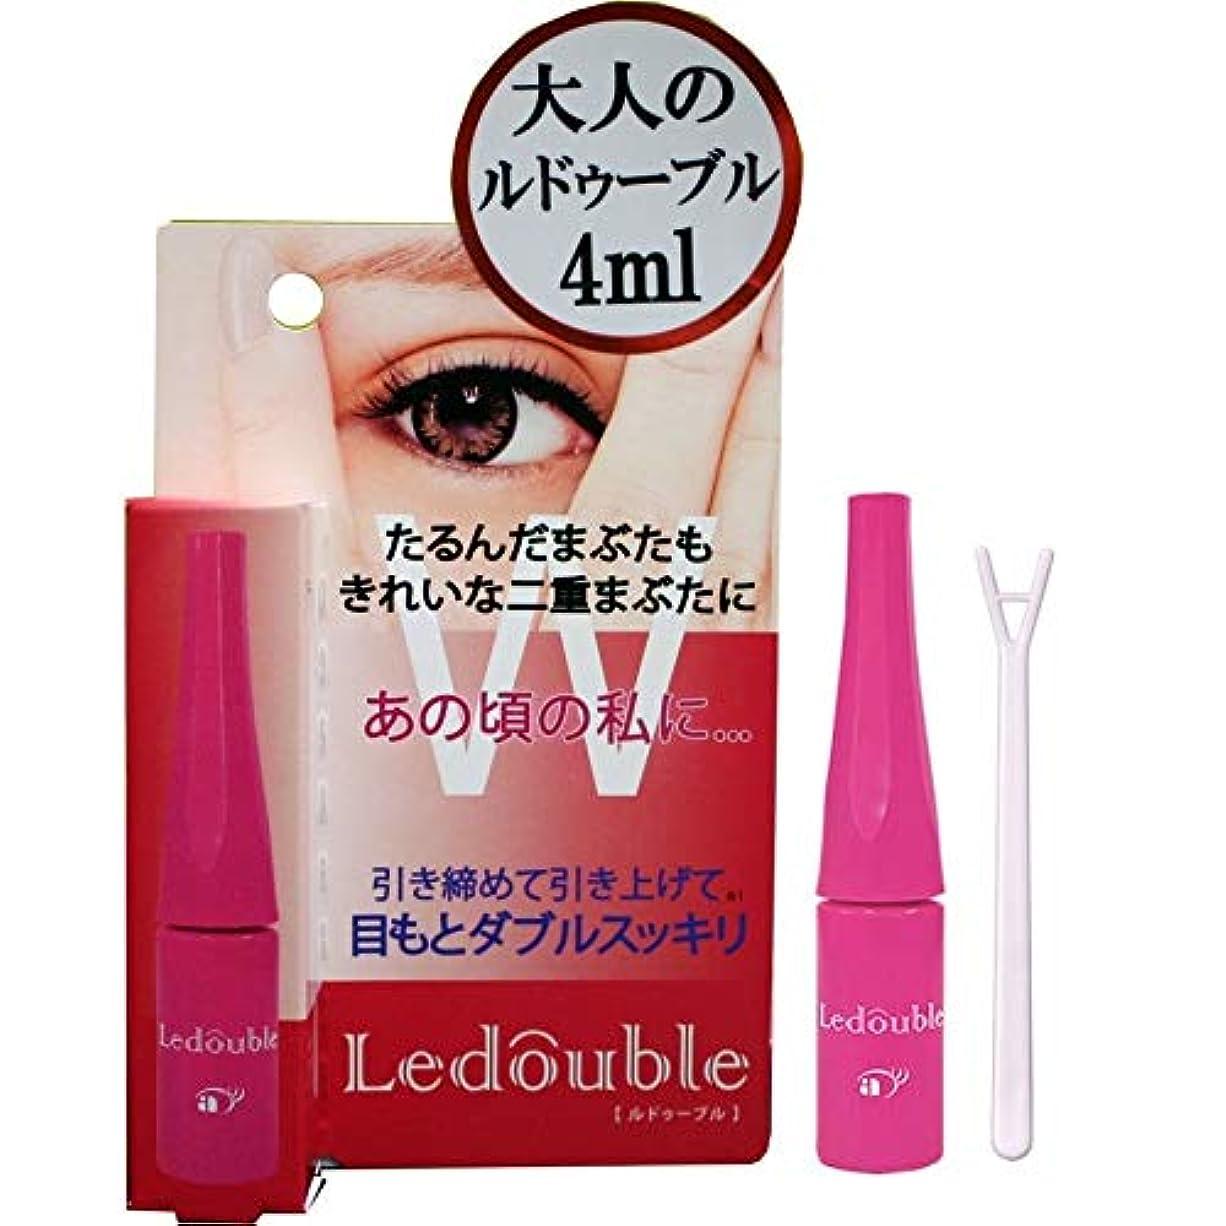 放つ非武装化静かな大人のLedouble [大人のルドゥーブル] 二重まぶた化粧品 (4mL)